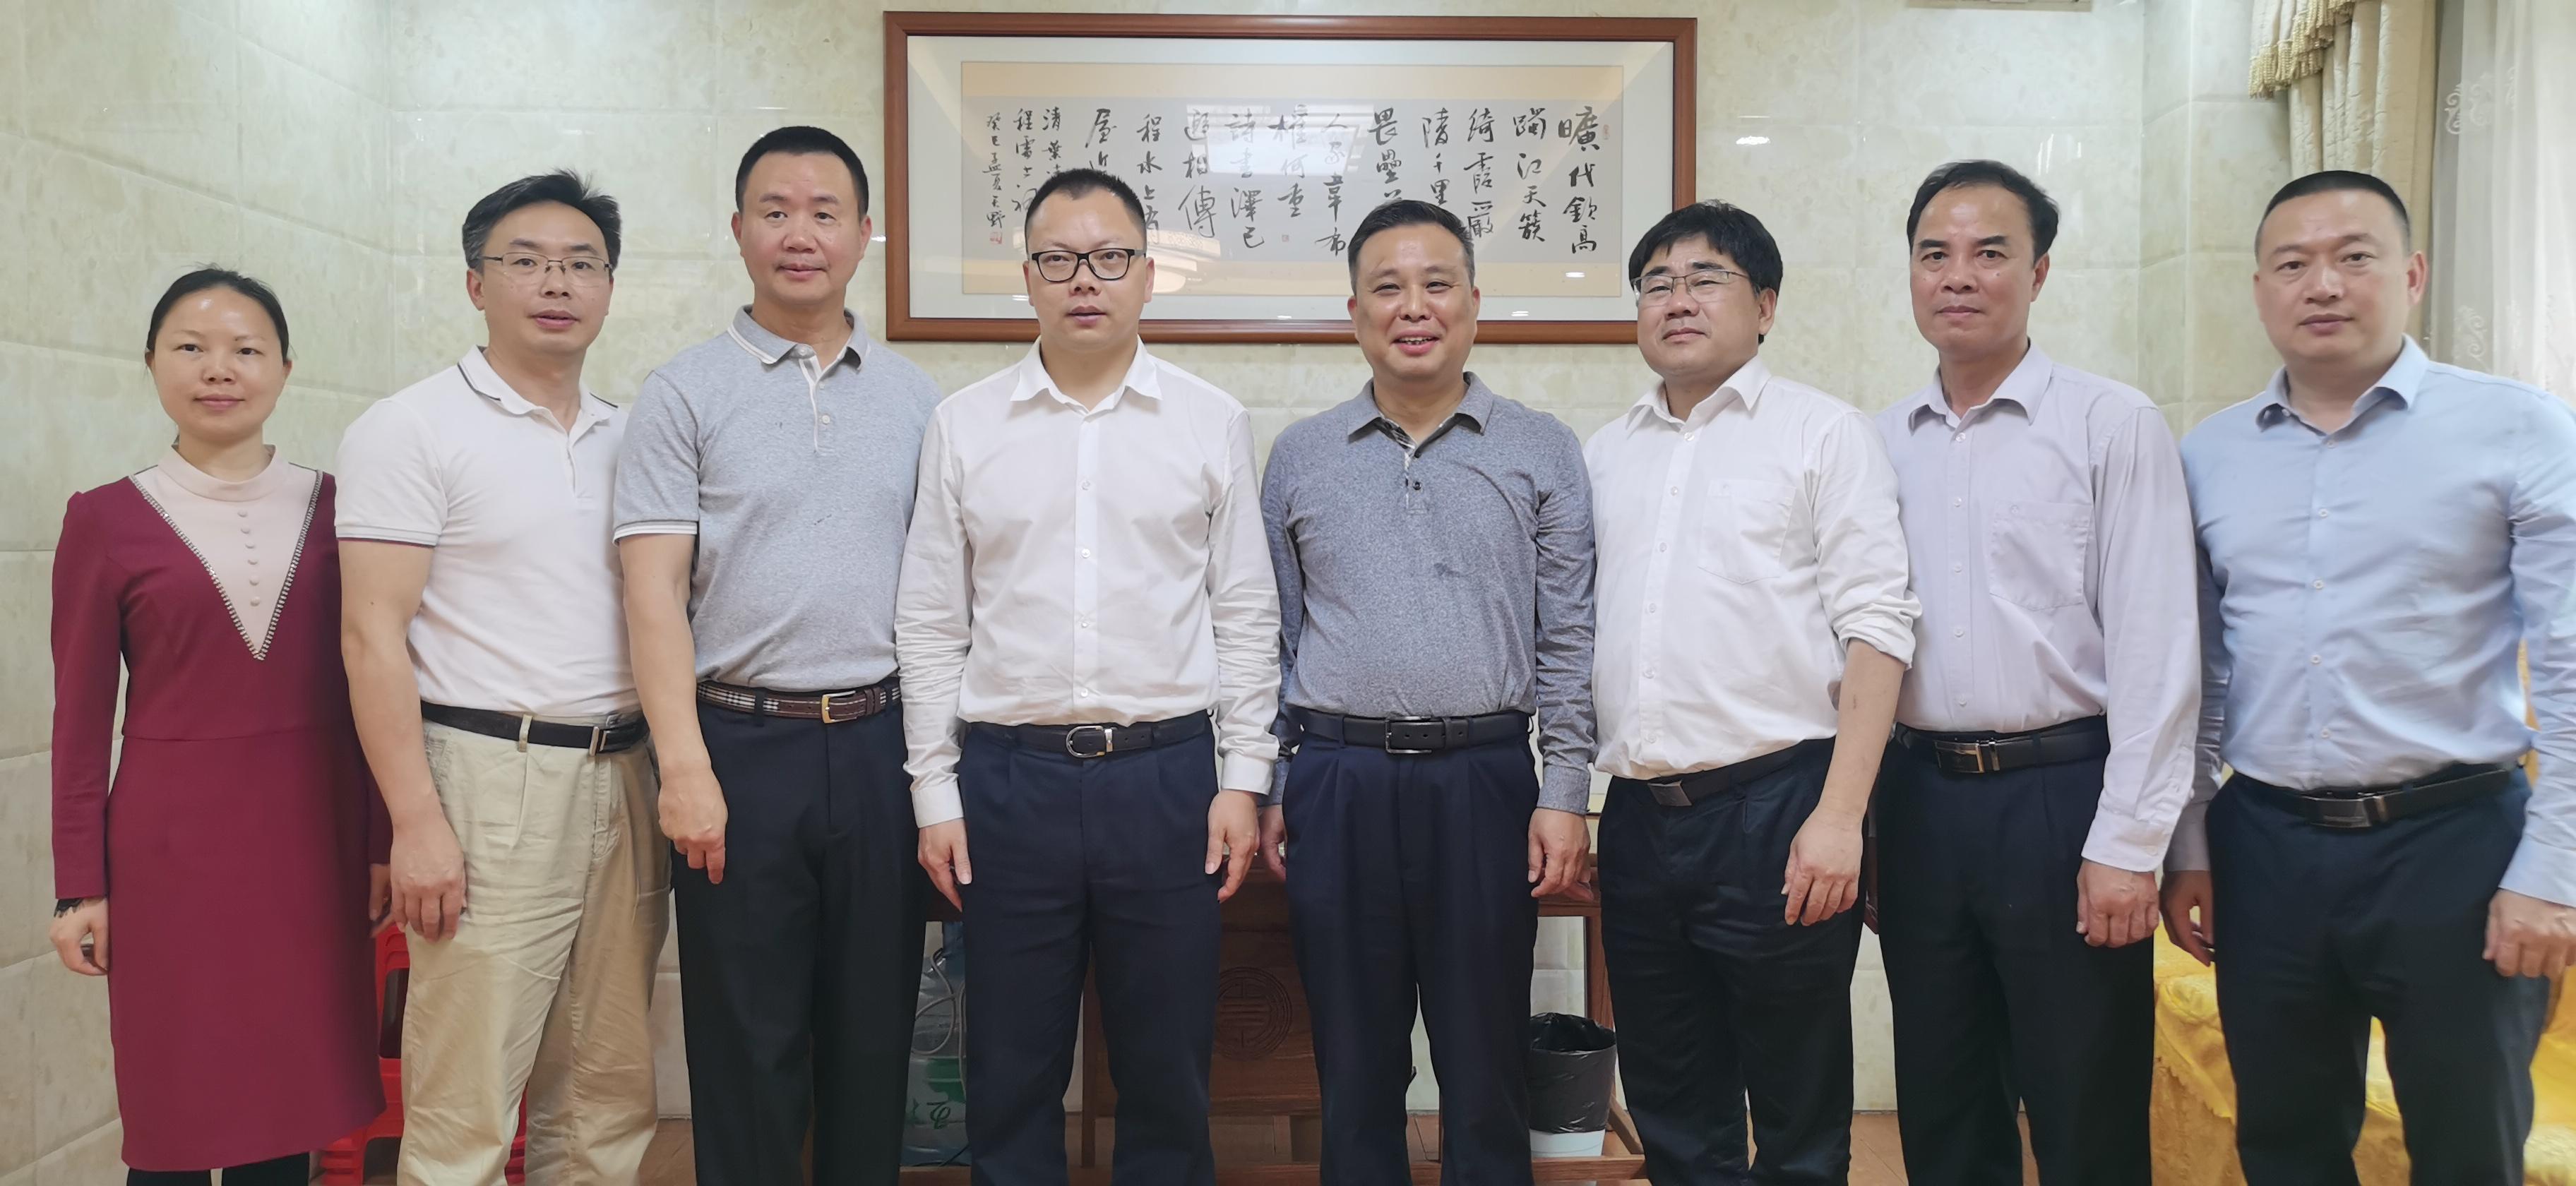 梅州市侨联拜访美国侨领王辉平先生